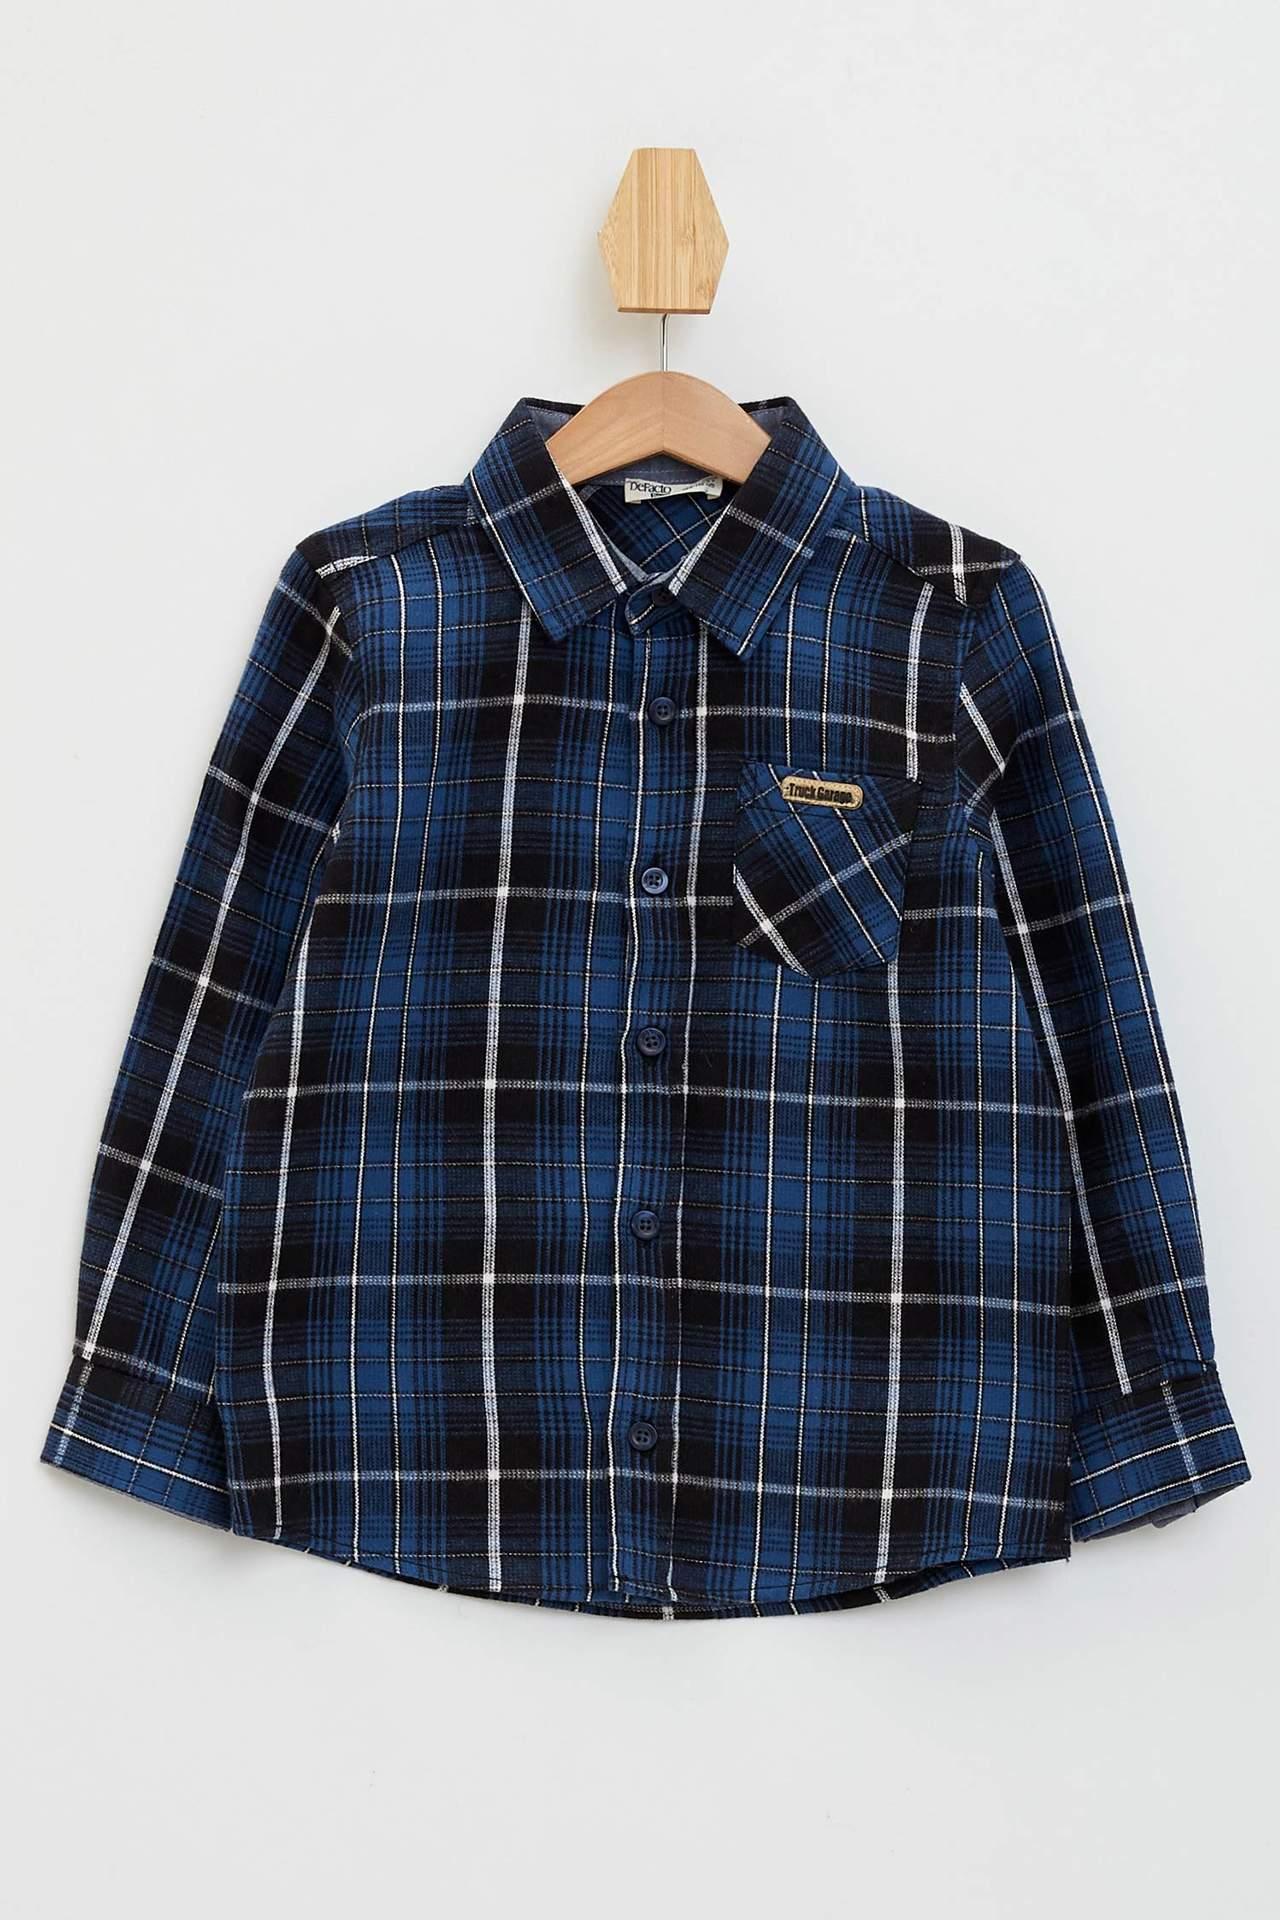 DeFacto Erkek Çocuk Patch Detaylı Tek Cepli Kadife Gömlek Lacivert male